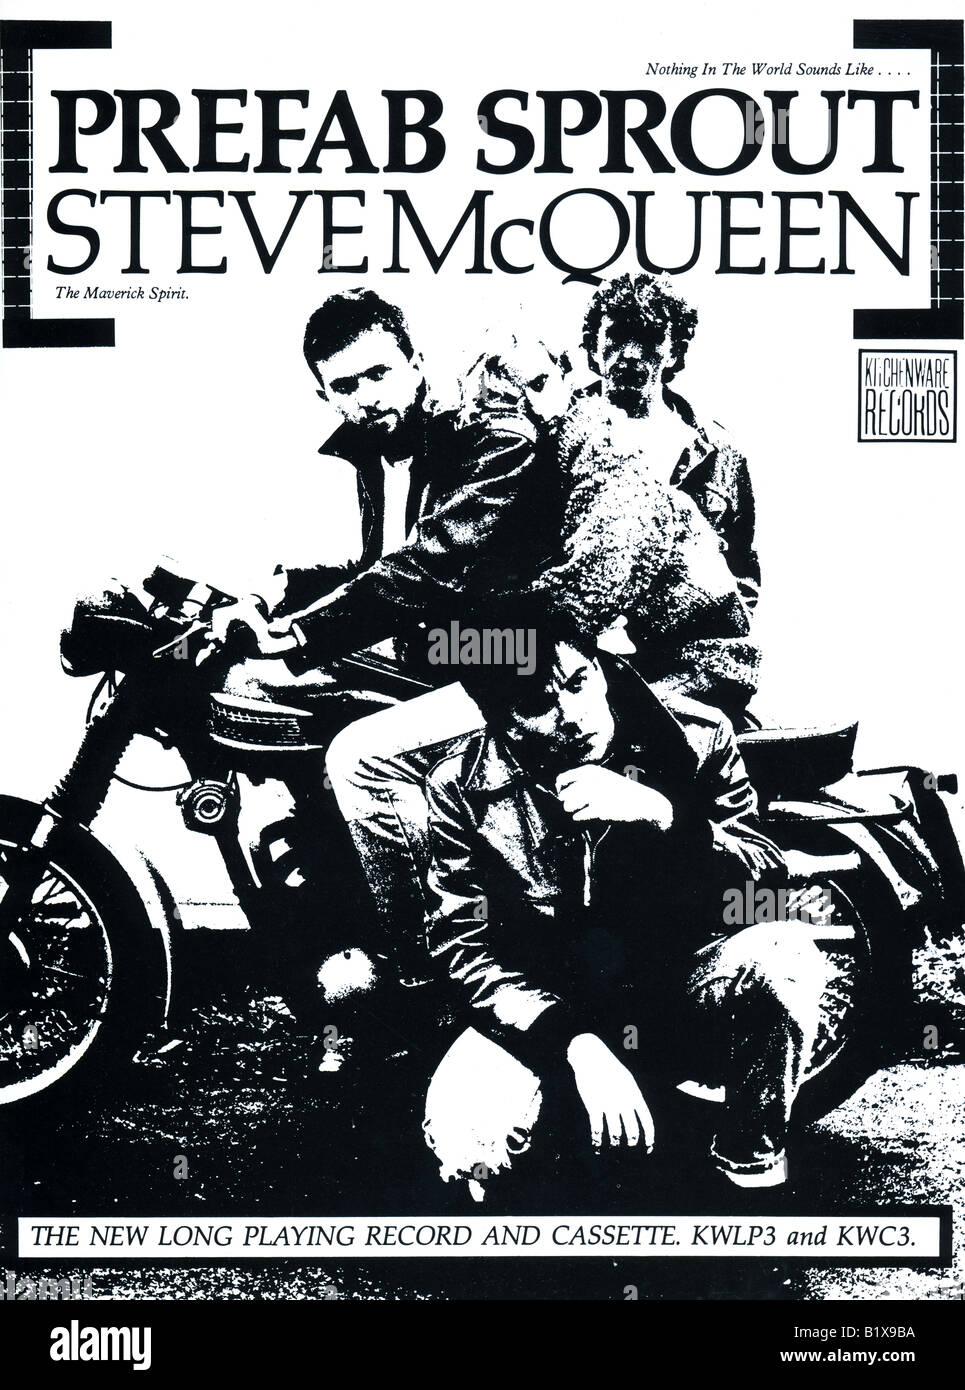 1980s 1985 Werbung von Geschirr Records neues Album Steve McQueen von Prefab Sprout für nur zur redaktionellen Stockbild